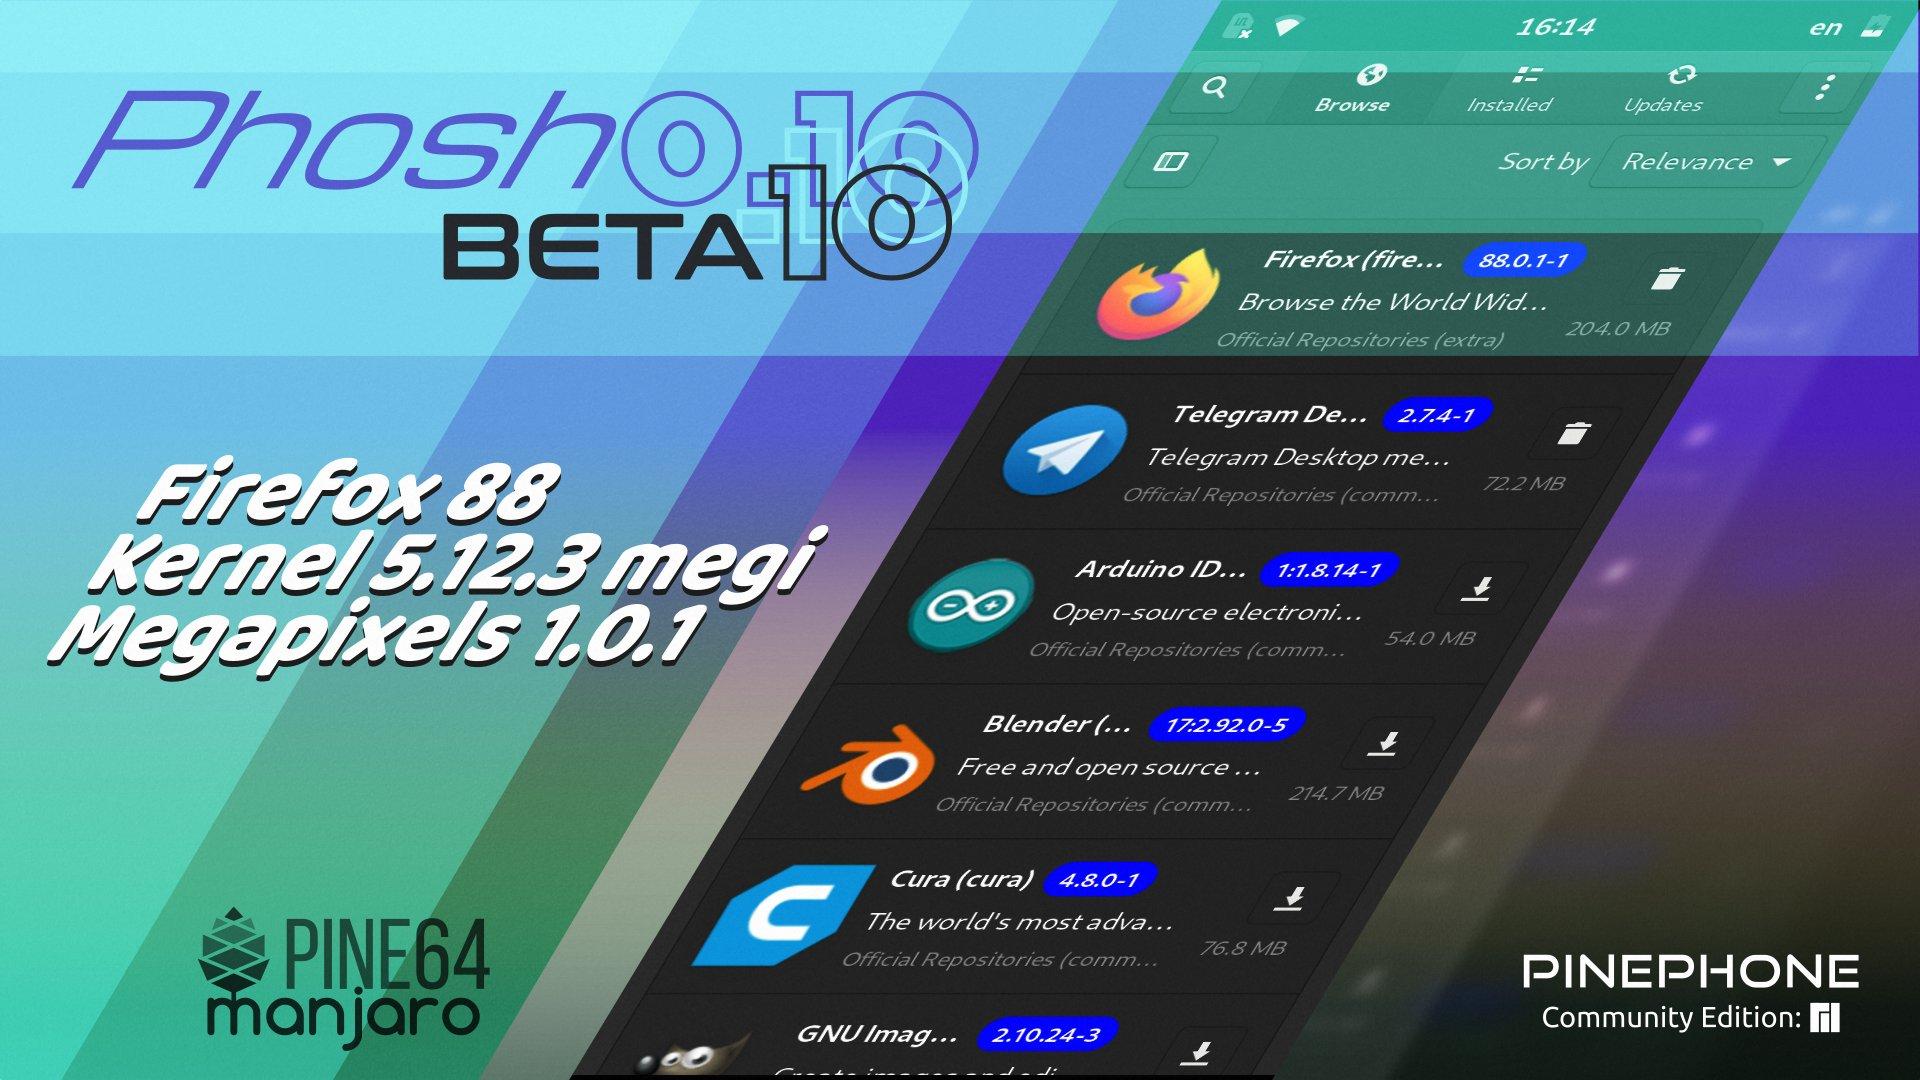 Manjaro ARM Beta10 of Phosh for PinePhone